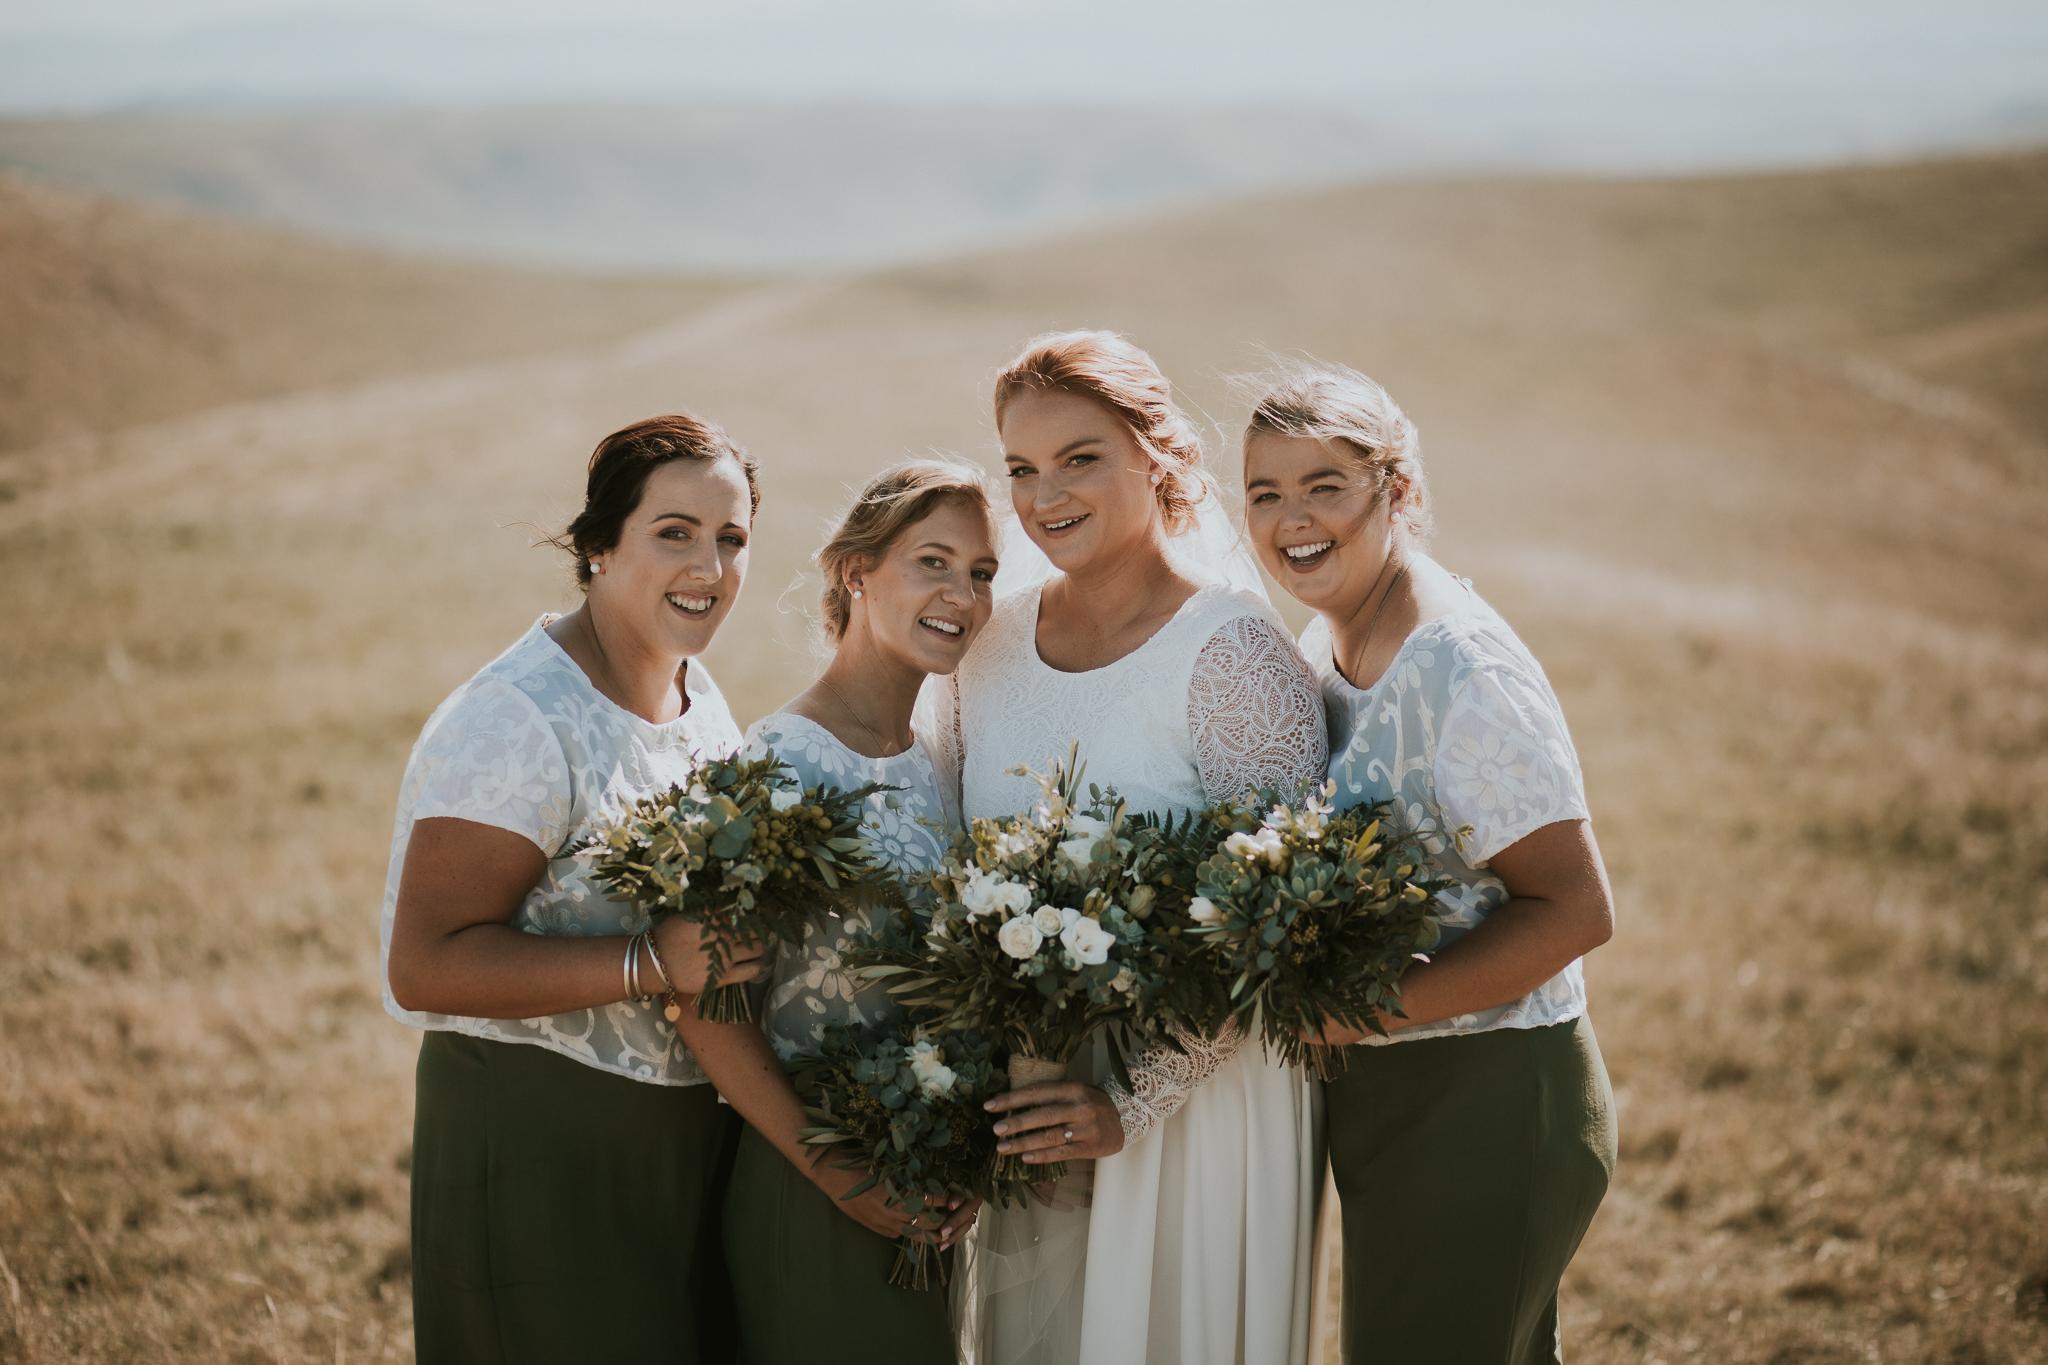 wedding photographer hawkes bay , Lisa Fisher Photography, Selini Winery Wedding -53.jpg